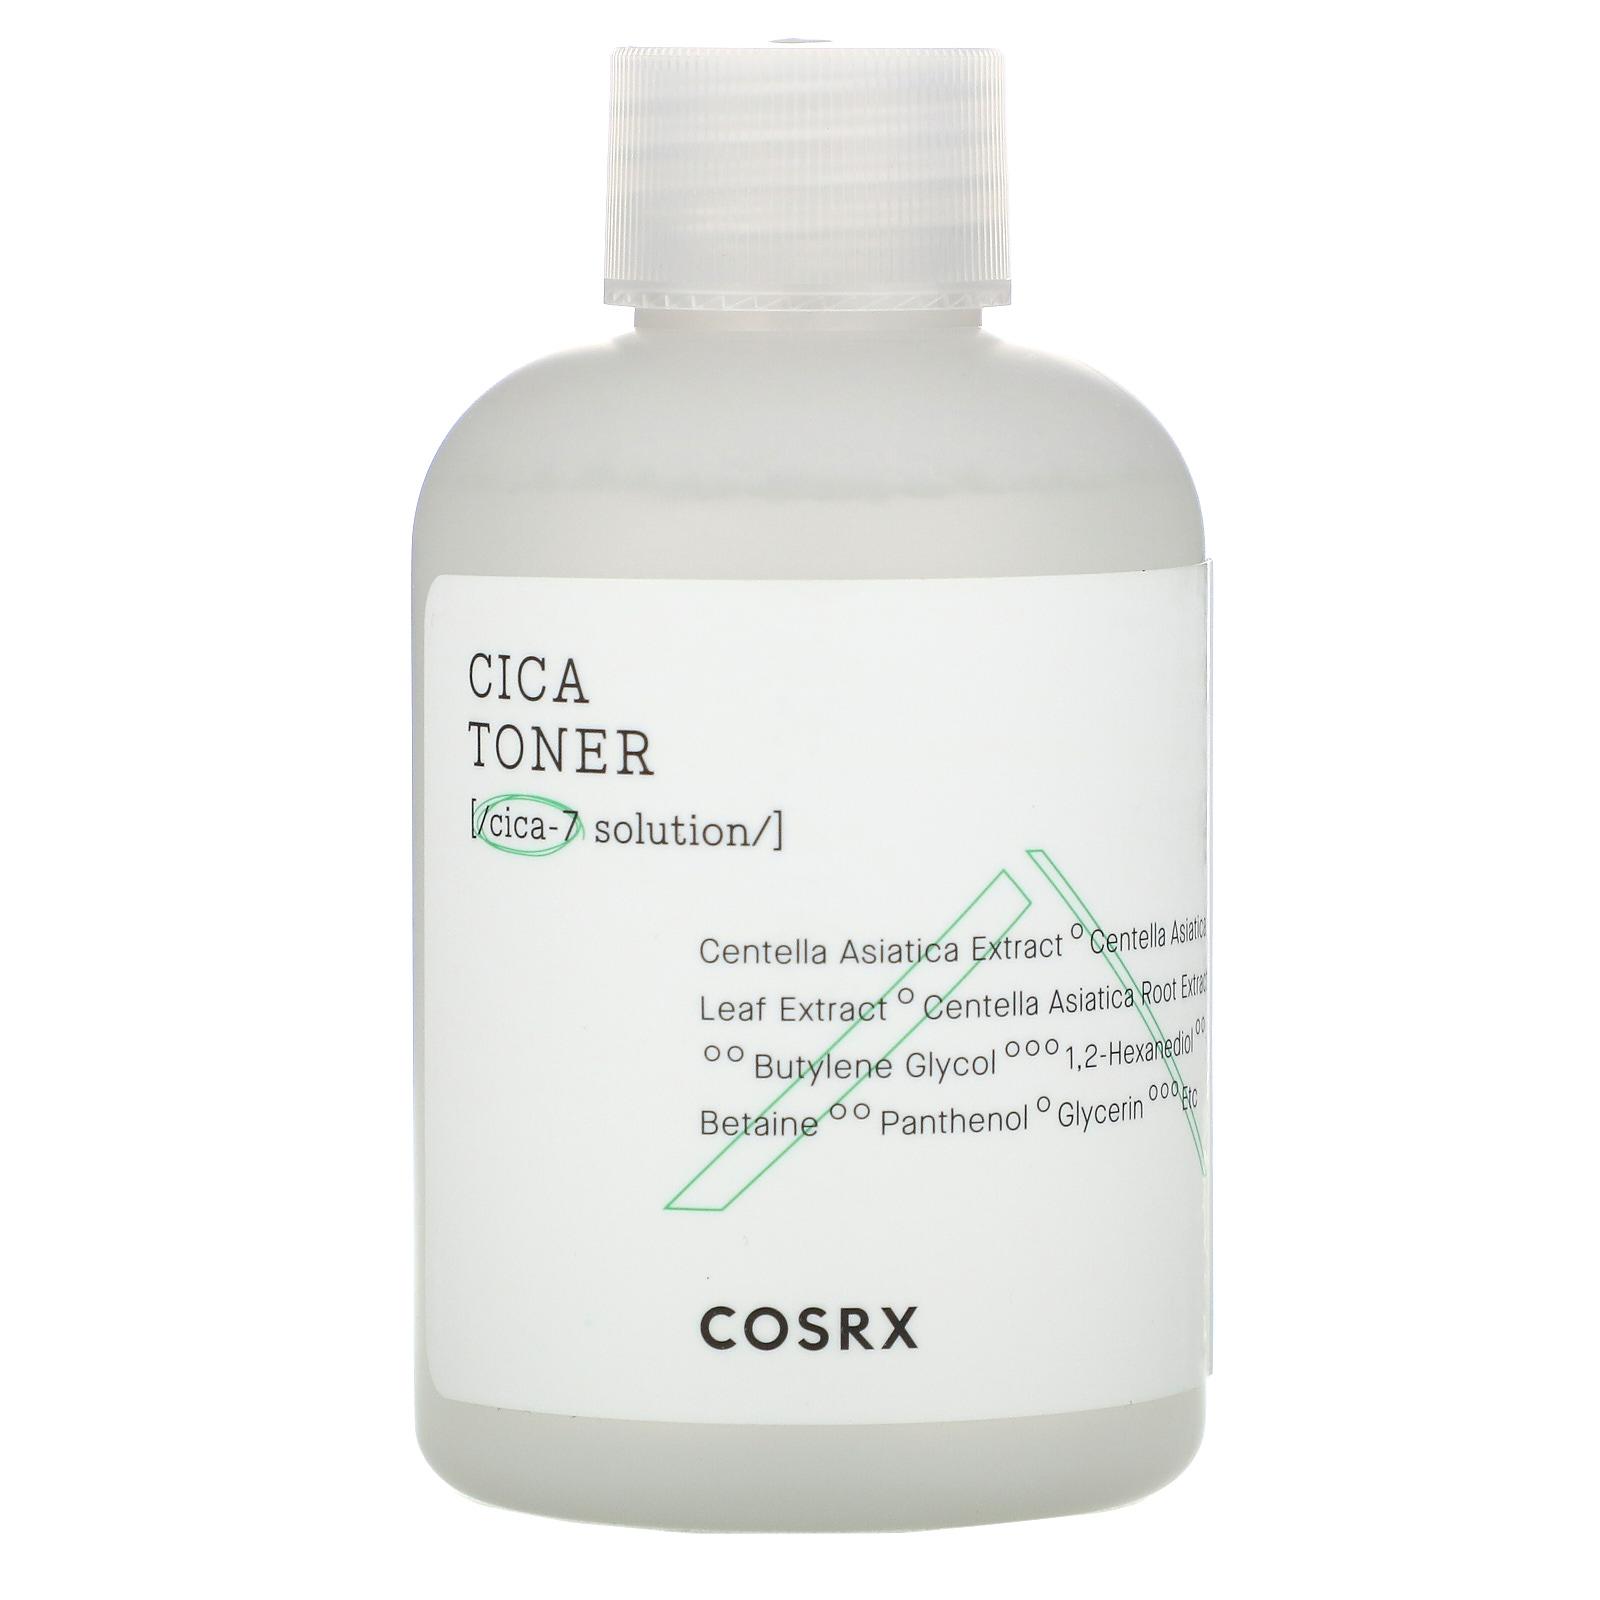 Успокаивающий тоник для чувствительной кожи Cosrx Pure Fit Cica Toner - 150 мл